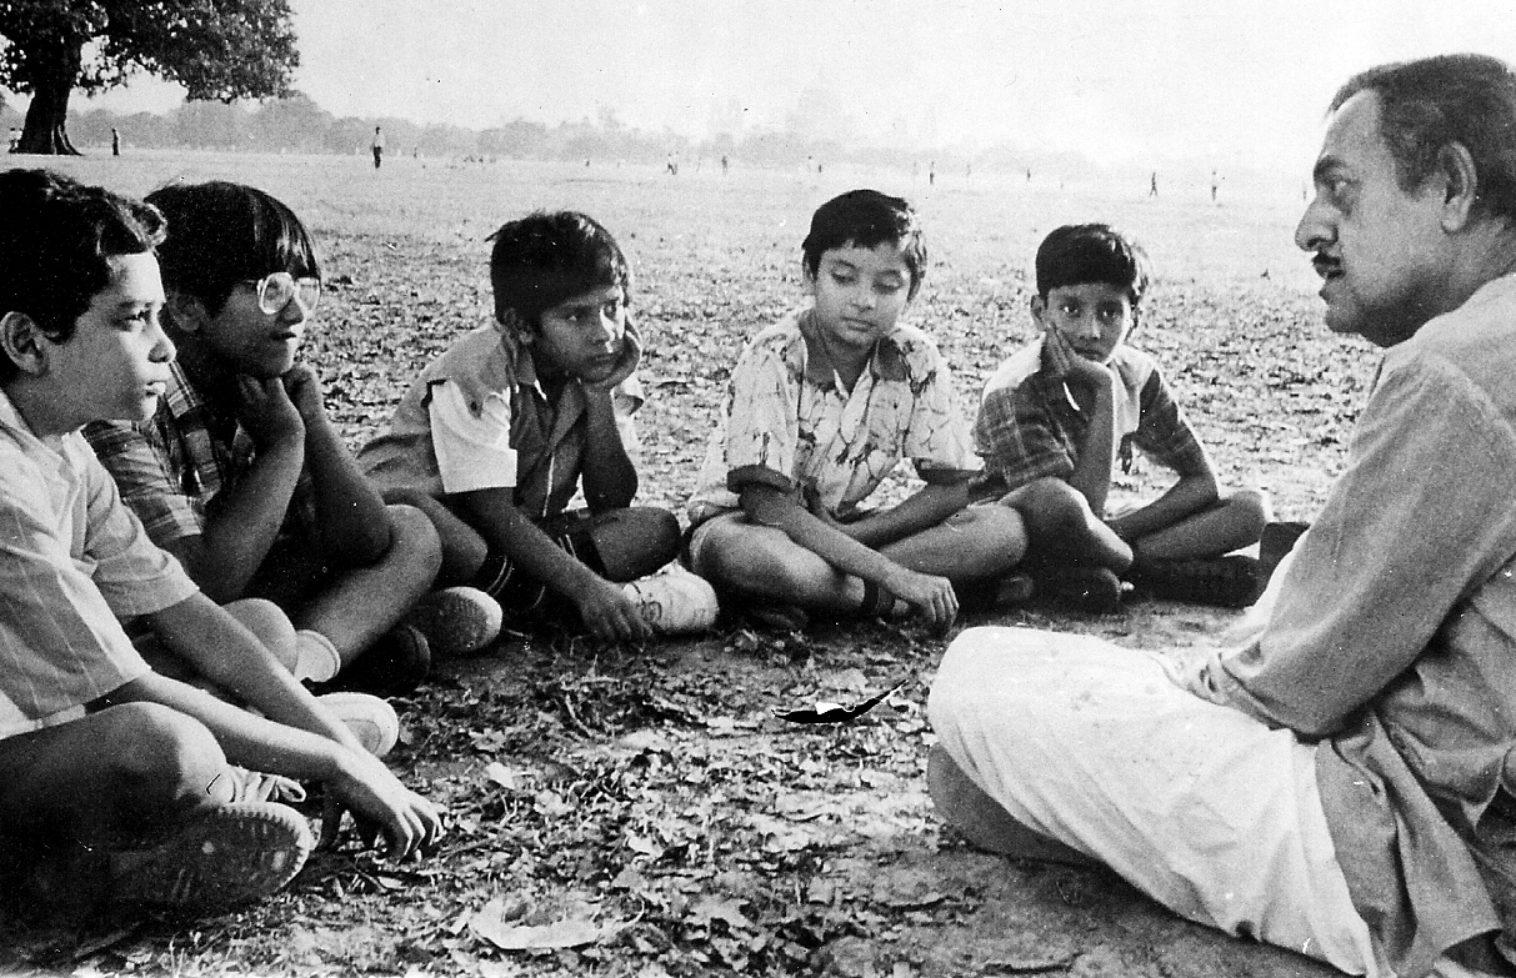 Le Visiteur de Satyajit Ray (1991)